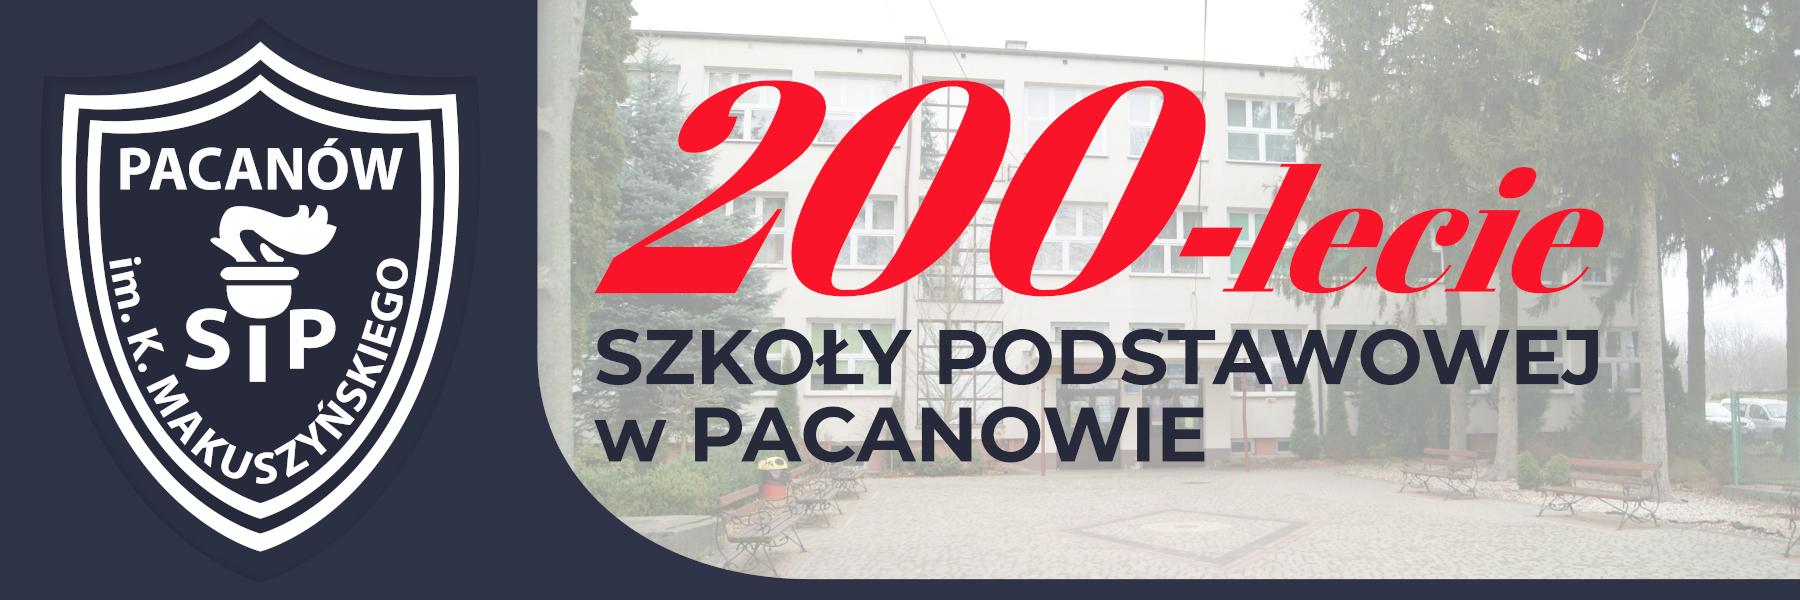 Witryna Szkoły Podstawowej im. Kornela Makuszyńskiego w Pacanowie